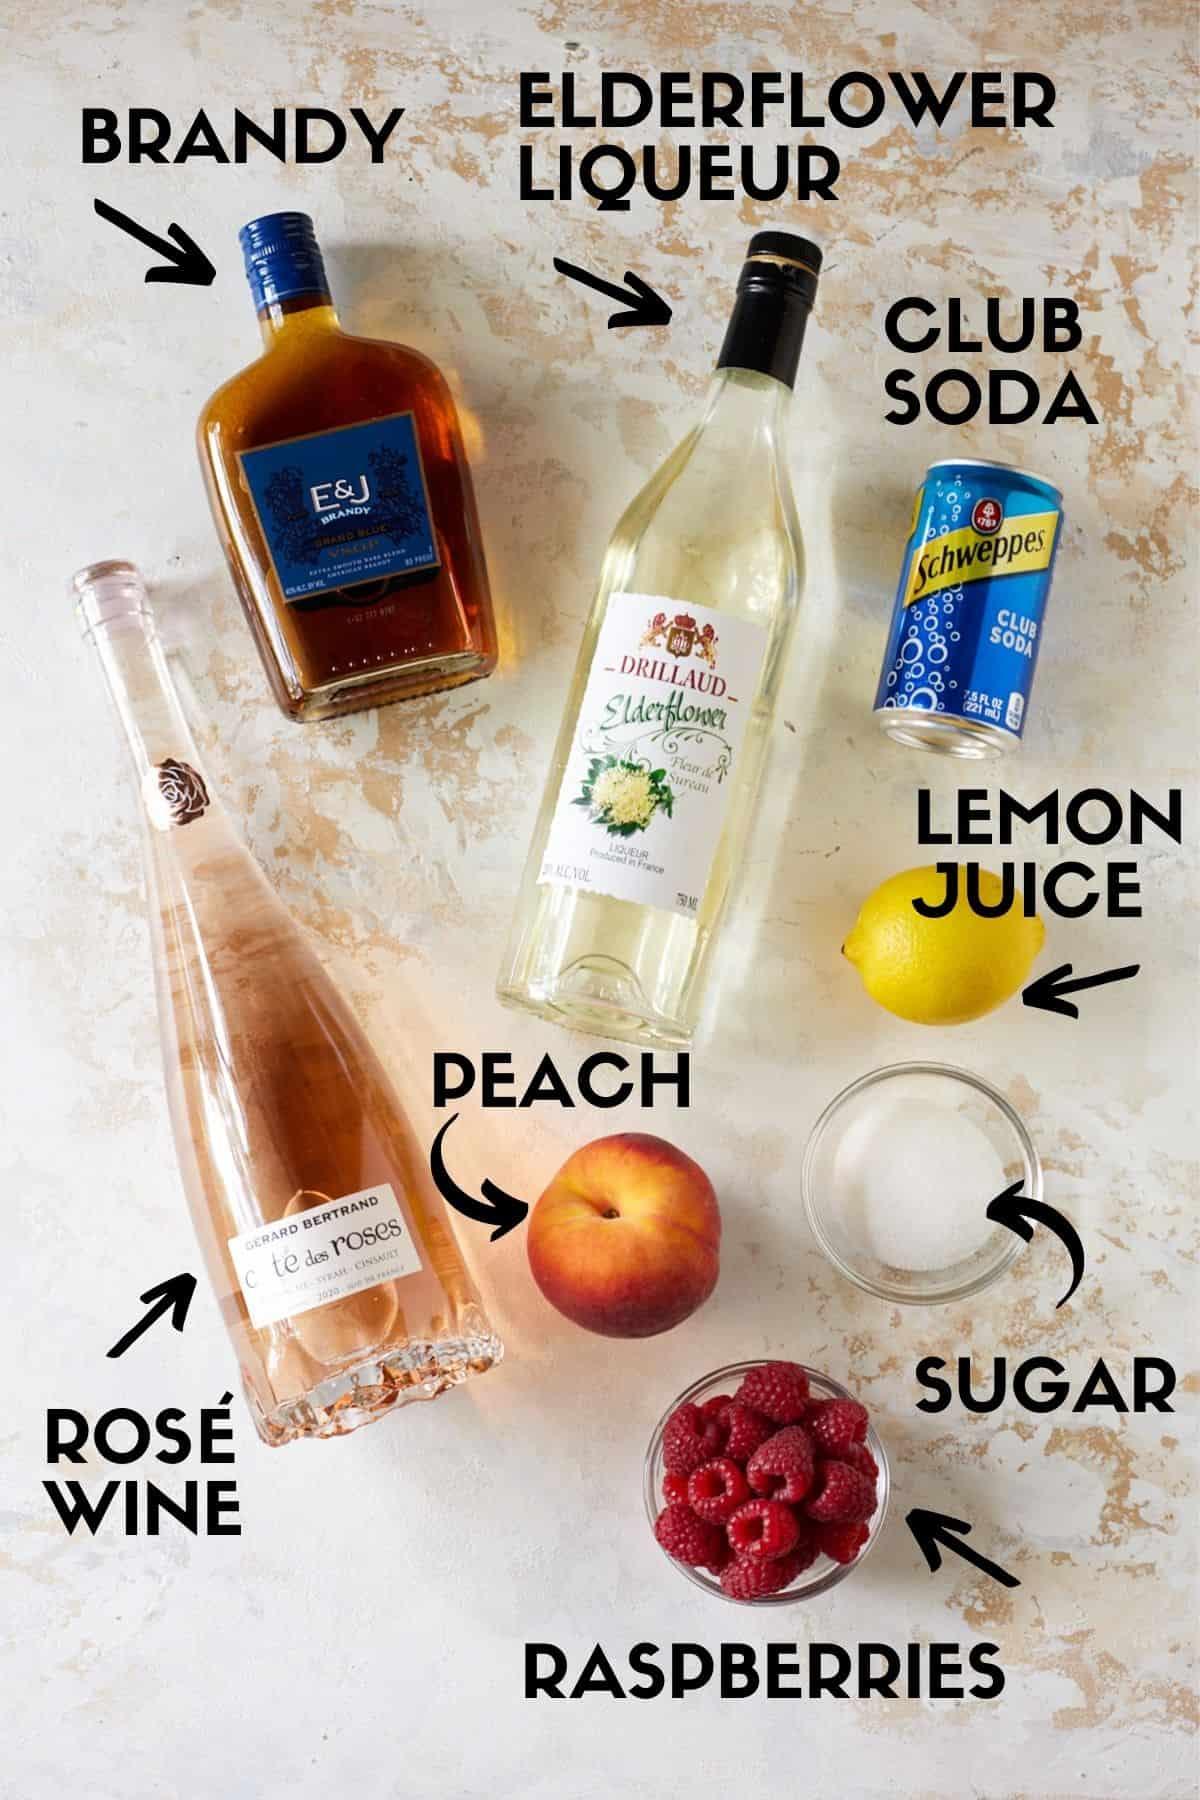 Rosé sangria ingredients, including rosé wine, elderflower liqueur, brandy, peaches and raspberries.